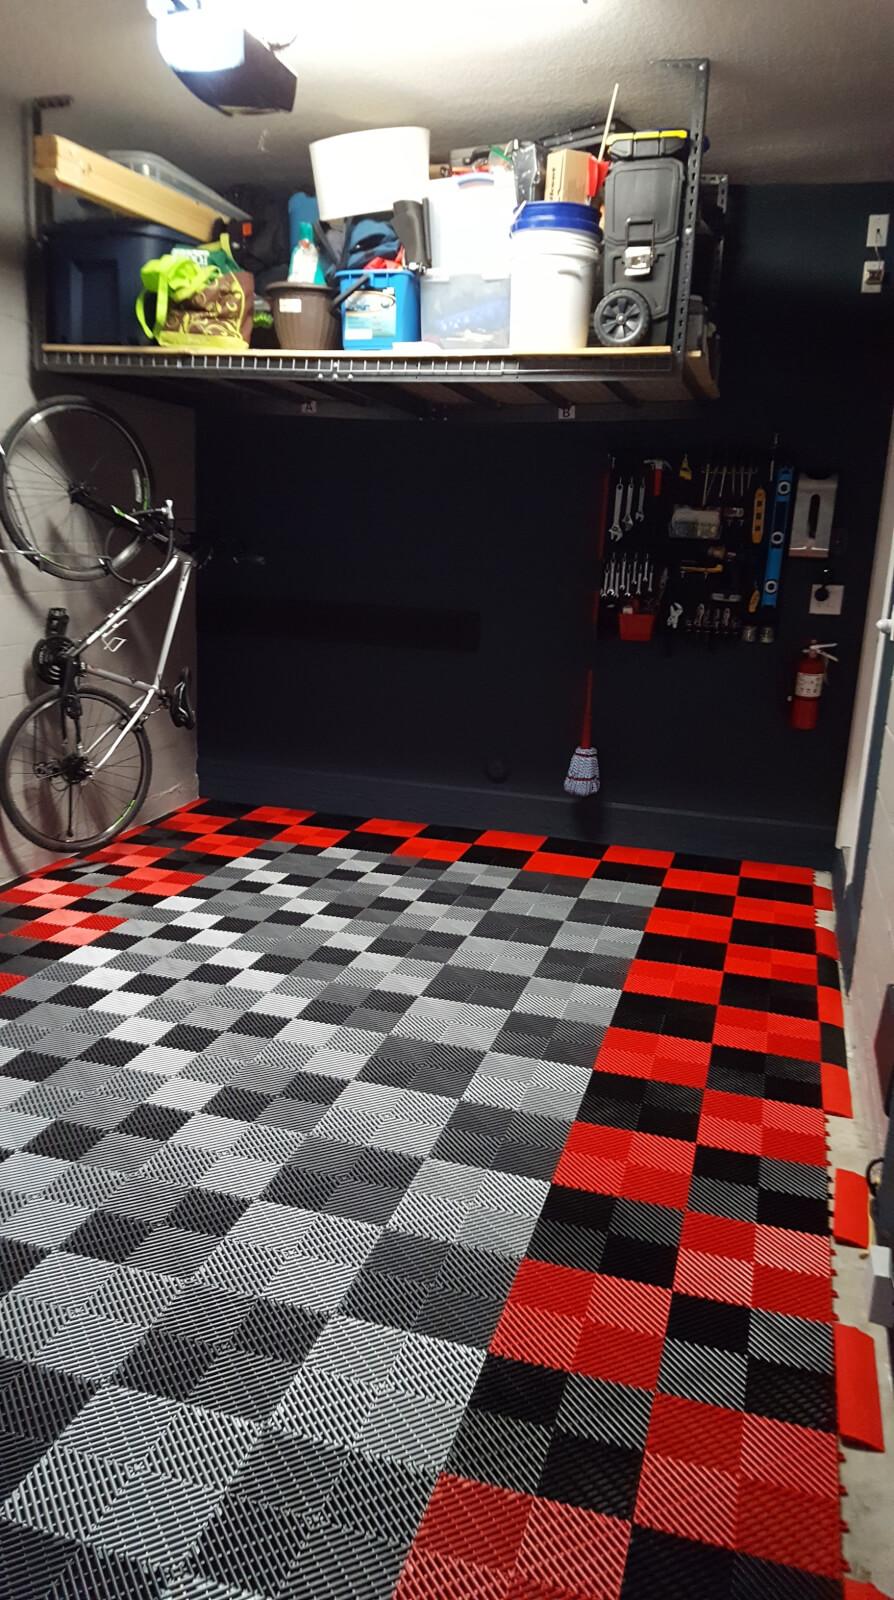 maraetai coatingpaint garage floor paint painting school old rd or coating g